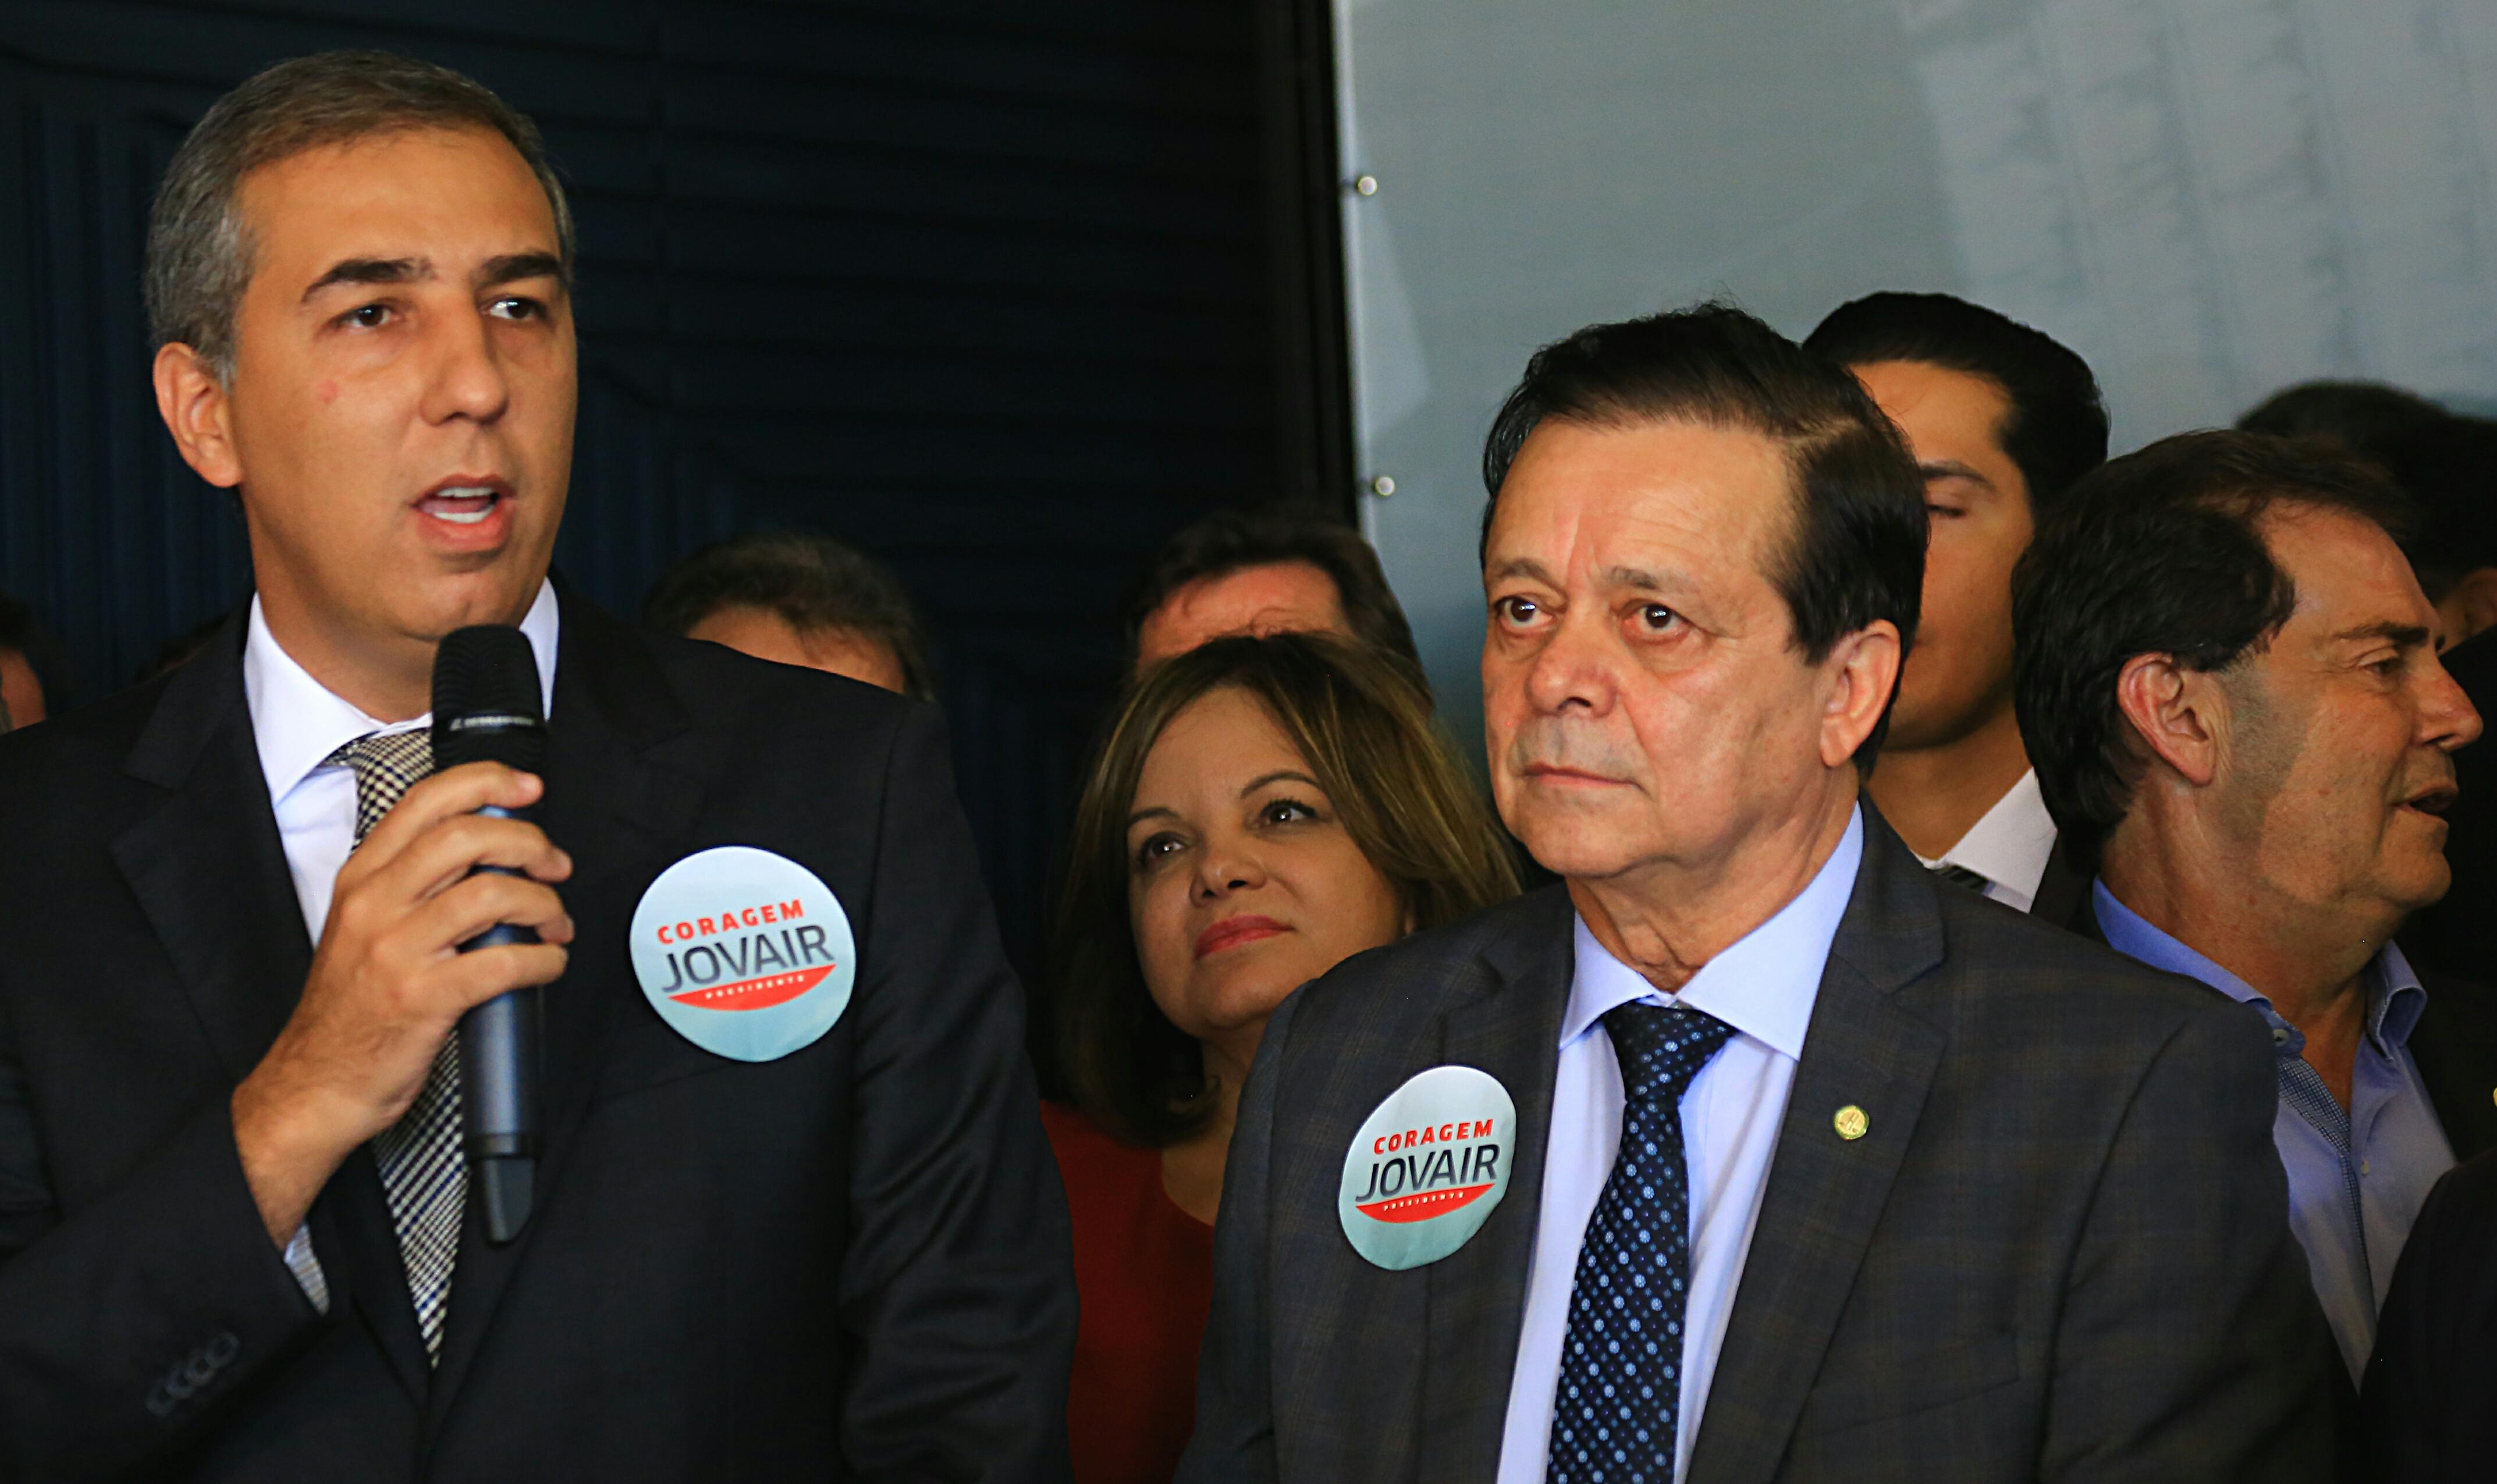 José Eliton pede a bancada goiana que apoie Jovair à presidência da Câmara